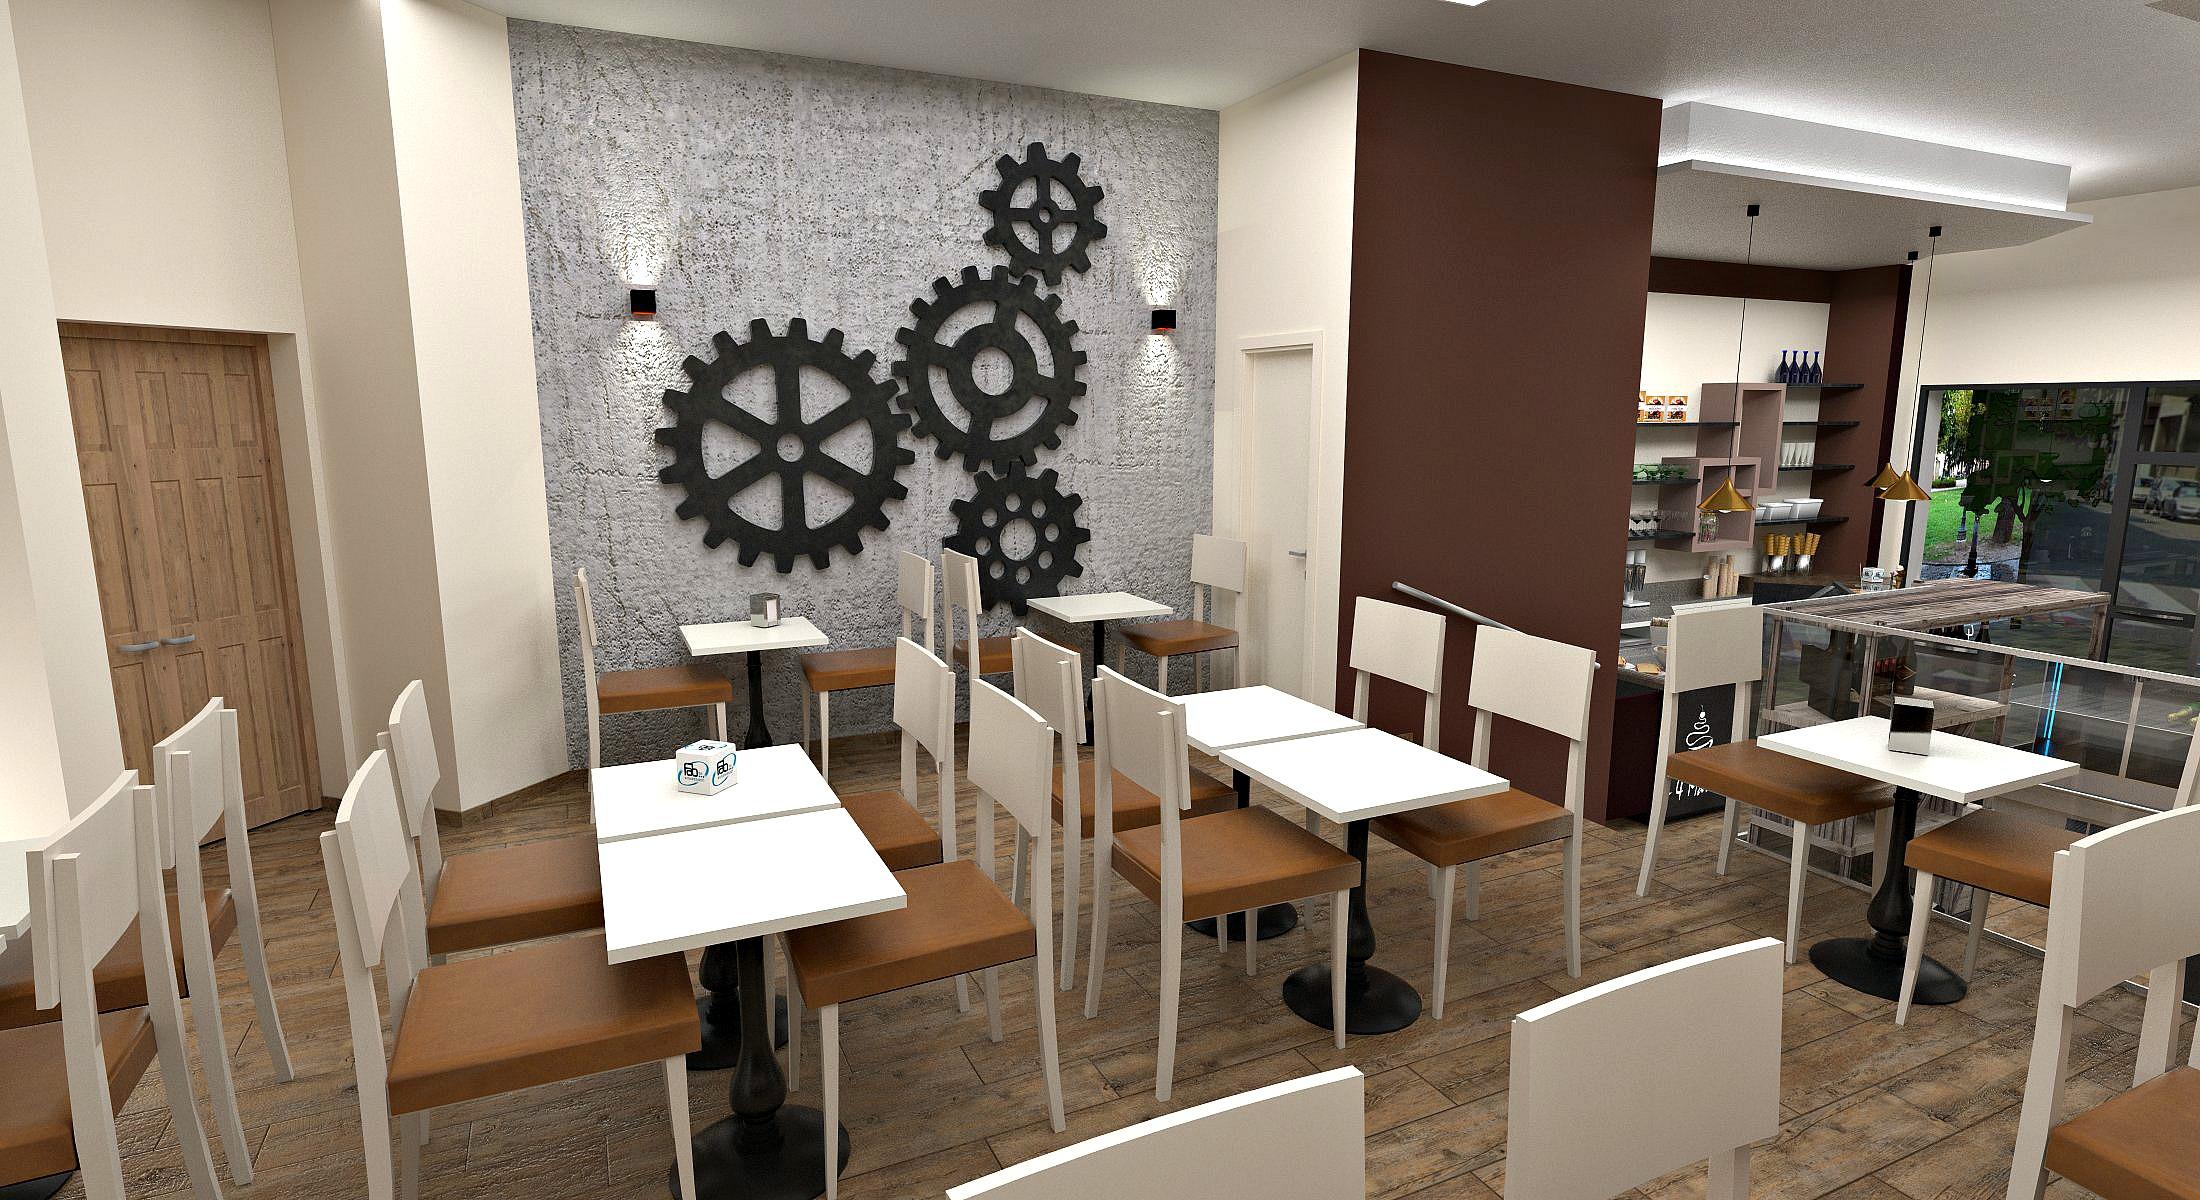 Foto dei tavolini con sedie ed ingranaggi appesi al muro presso la Pasticceria Caffetteria i 4 Mastri a Milano